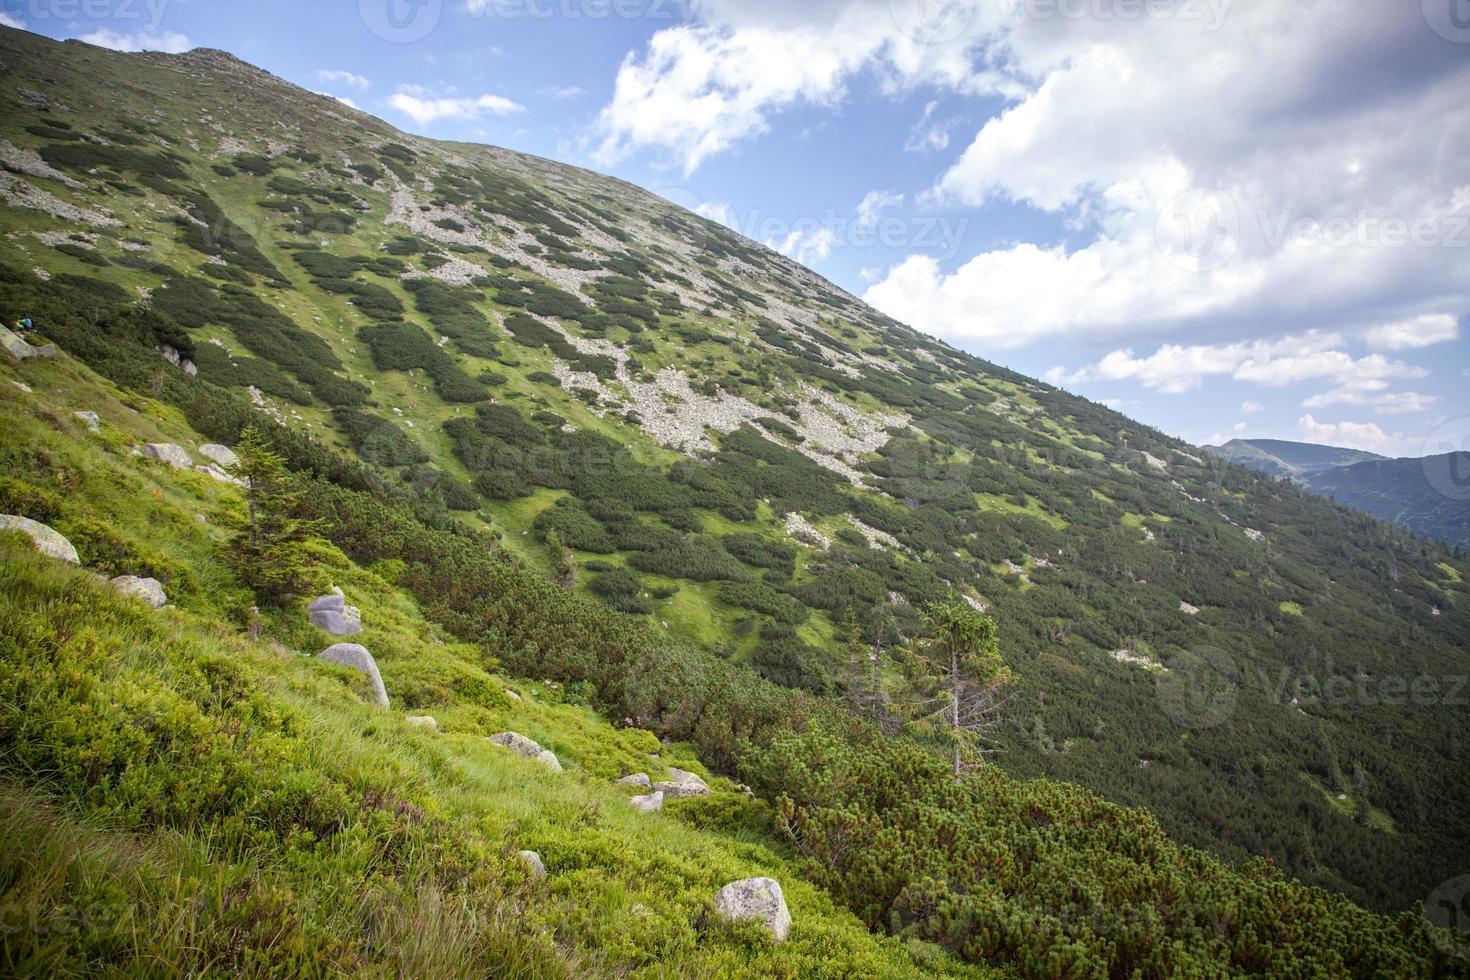 montanhas tatras baixas, eslováquia foto